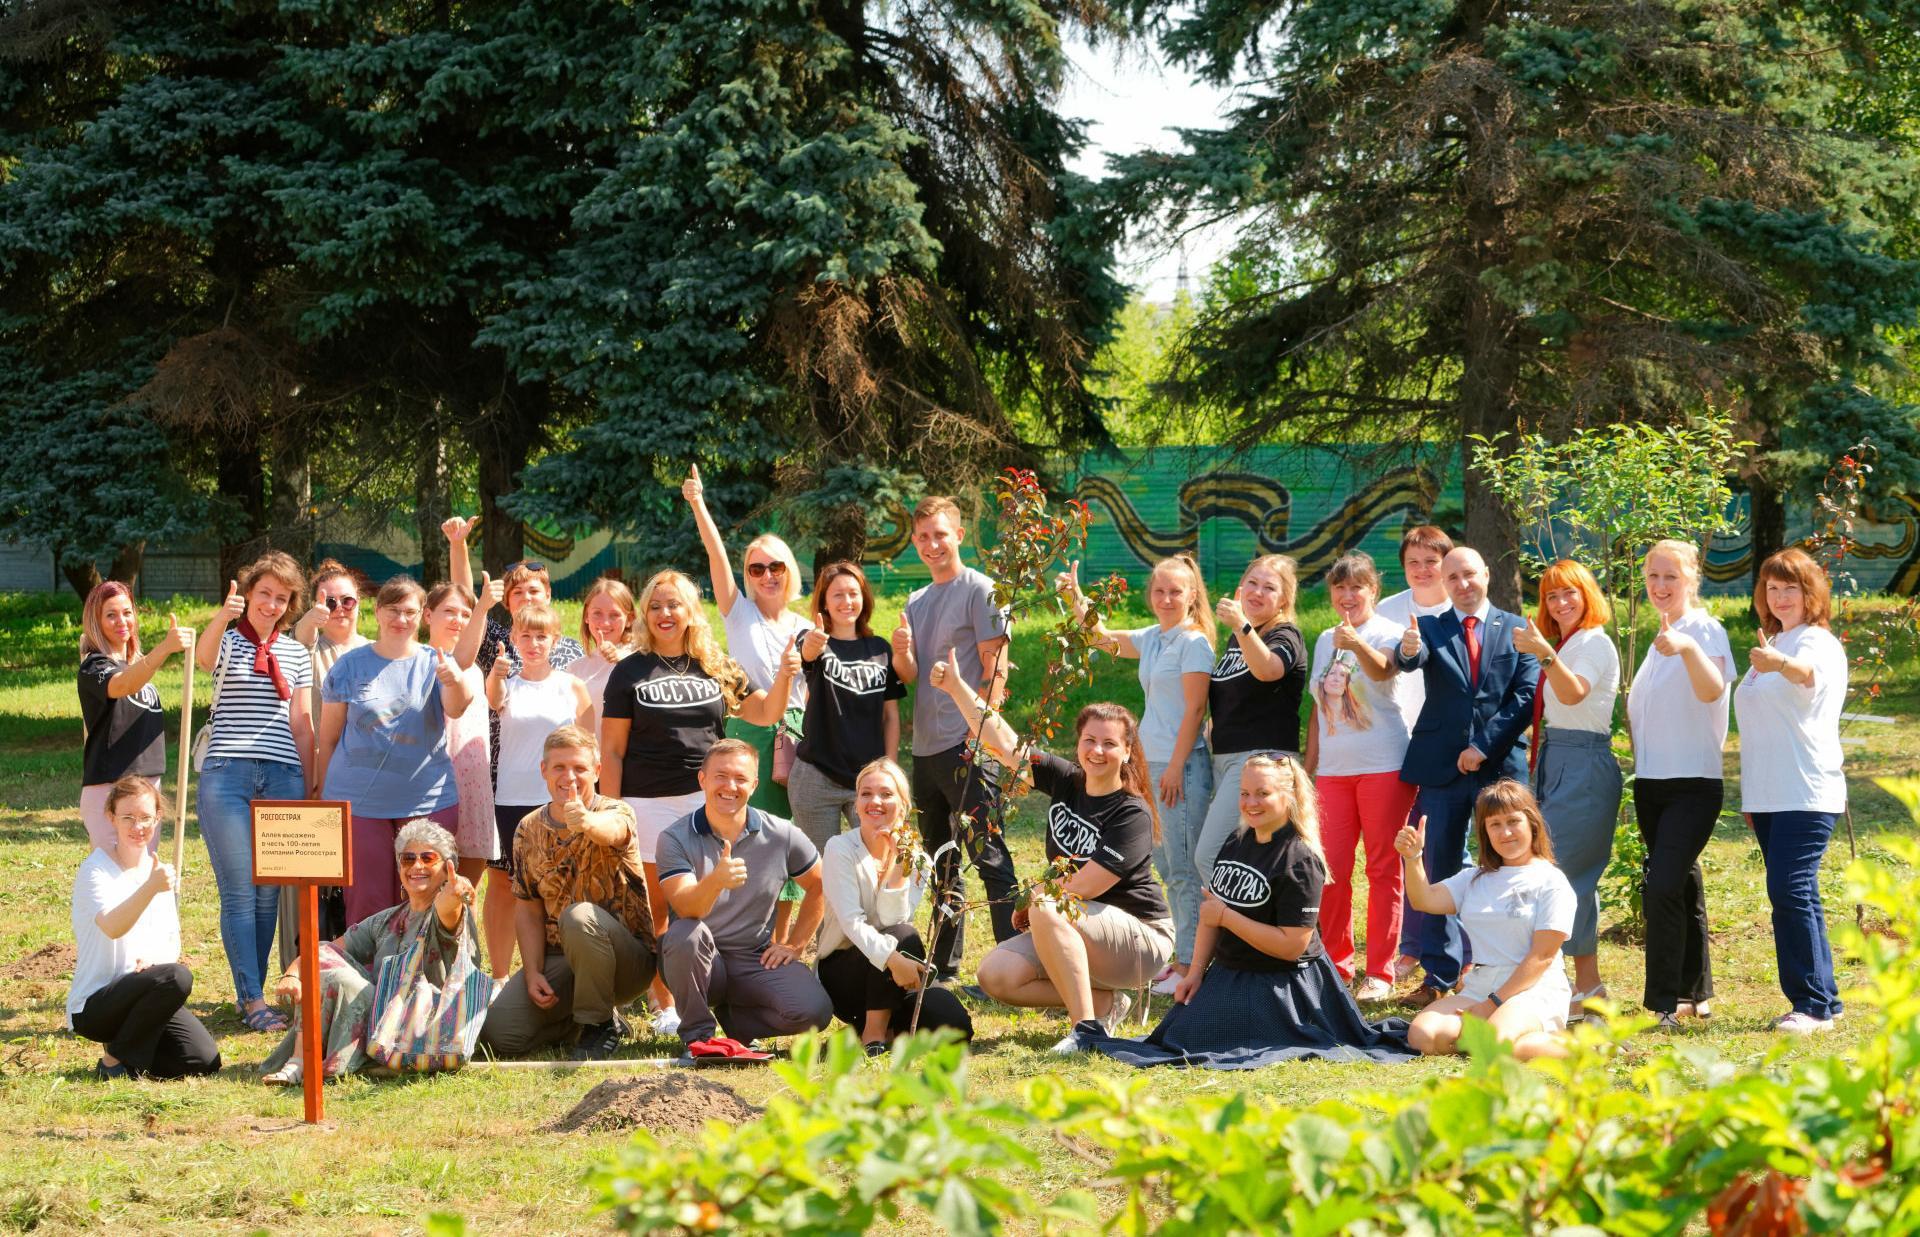 К 100-летию «Росгосстраха» сотрудники компании высадили яблоневый сад в парке Победы в Твери  - новости Афанасий